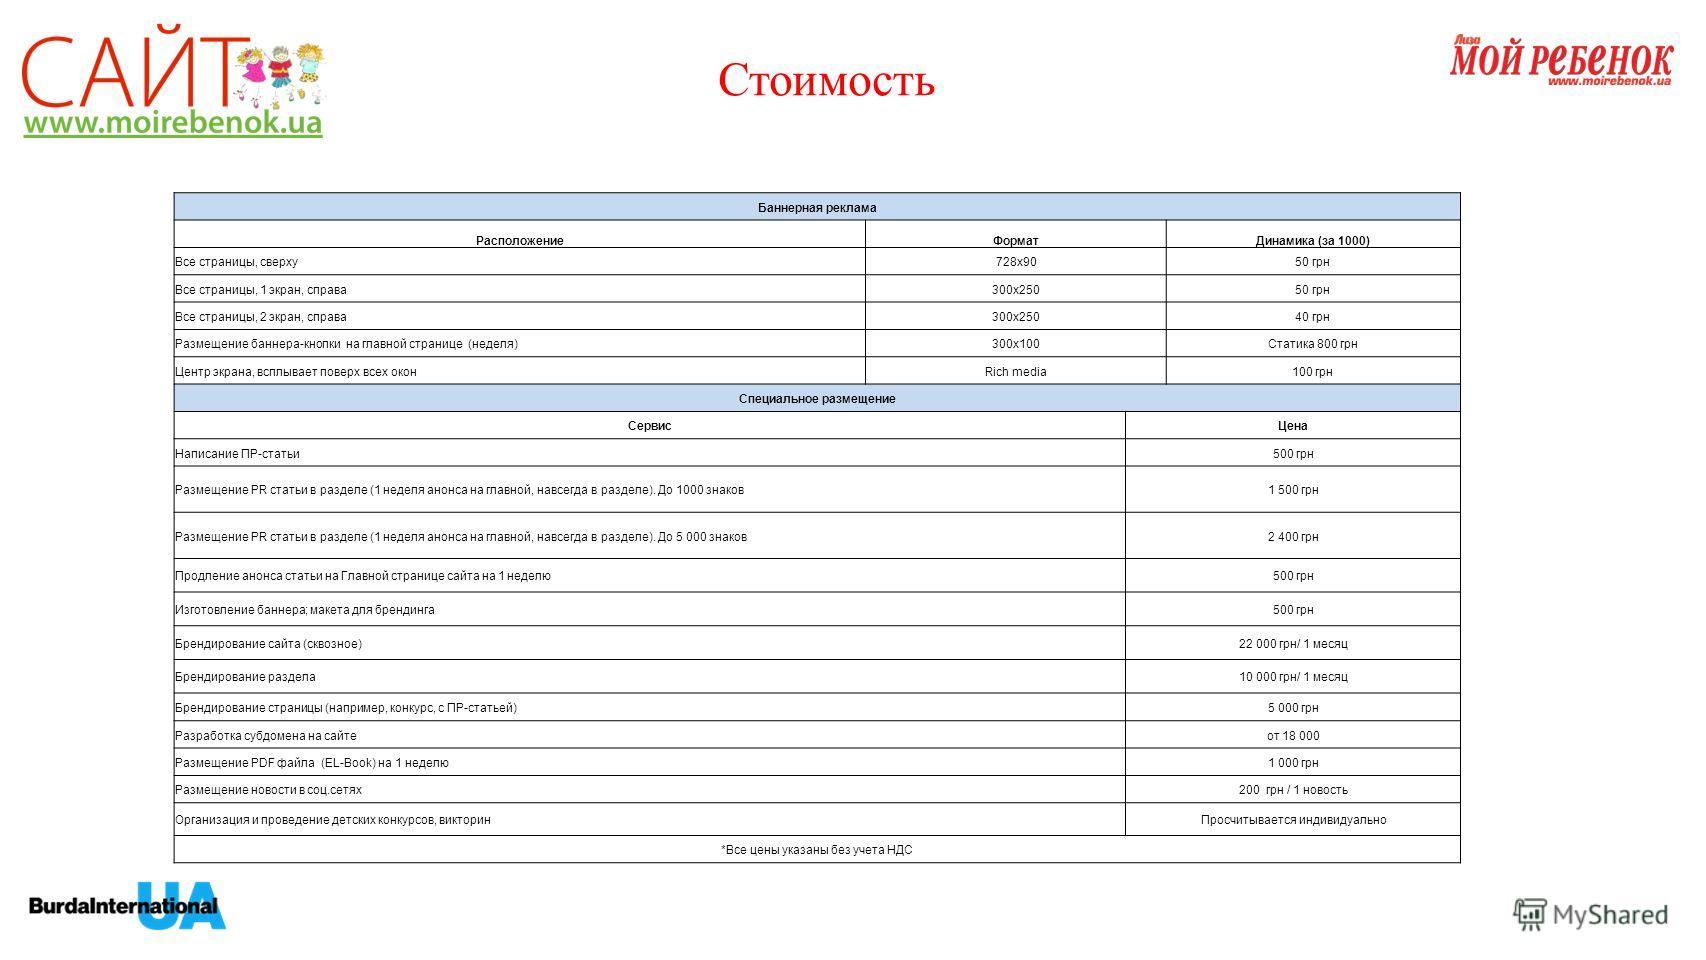 Стоимость Баннерная реклама Расположение ФорматДинамика (за 1000) Все страницы, сверху 728 х 9050 грн Все страницы, 1 экран, справа 300 х 25050 грн Все страницы, 2 экран, справа 300 х 25040 грн Размещение баннера-кнопки на главной странице (неделя)30